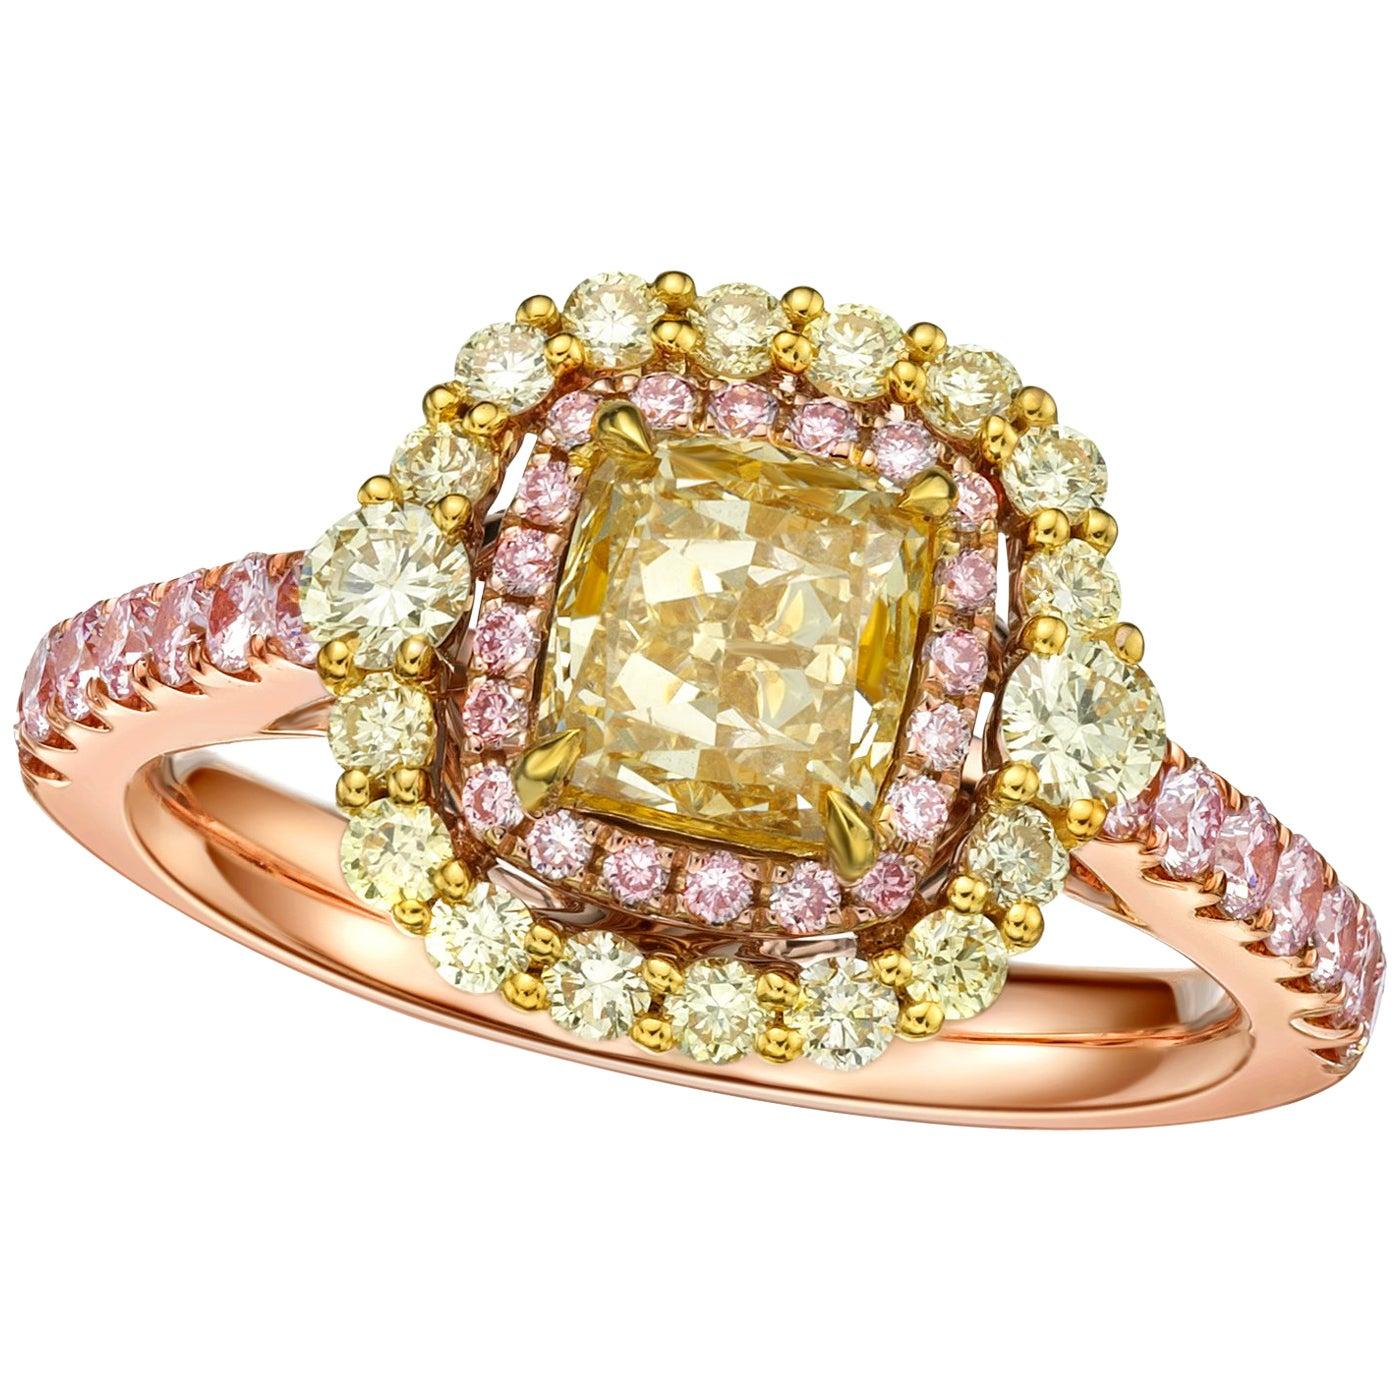 GIA Certified 1.22 Carat Fancy Light Brown Yellow Diamond Cushion Cut Ring